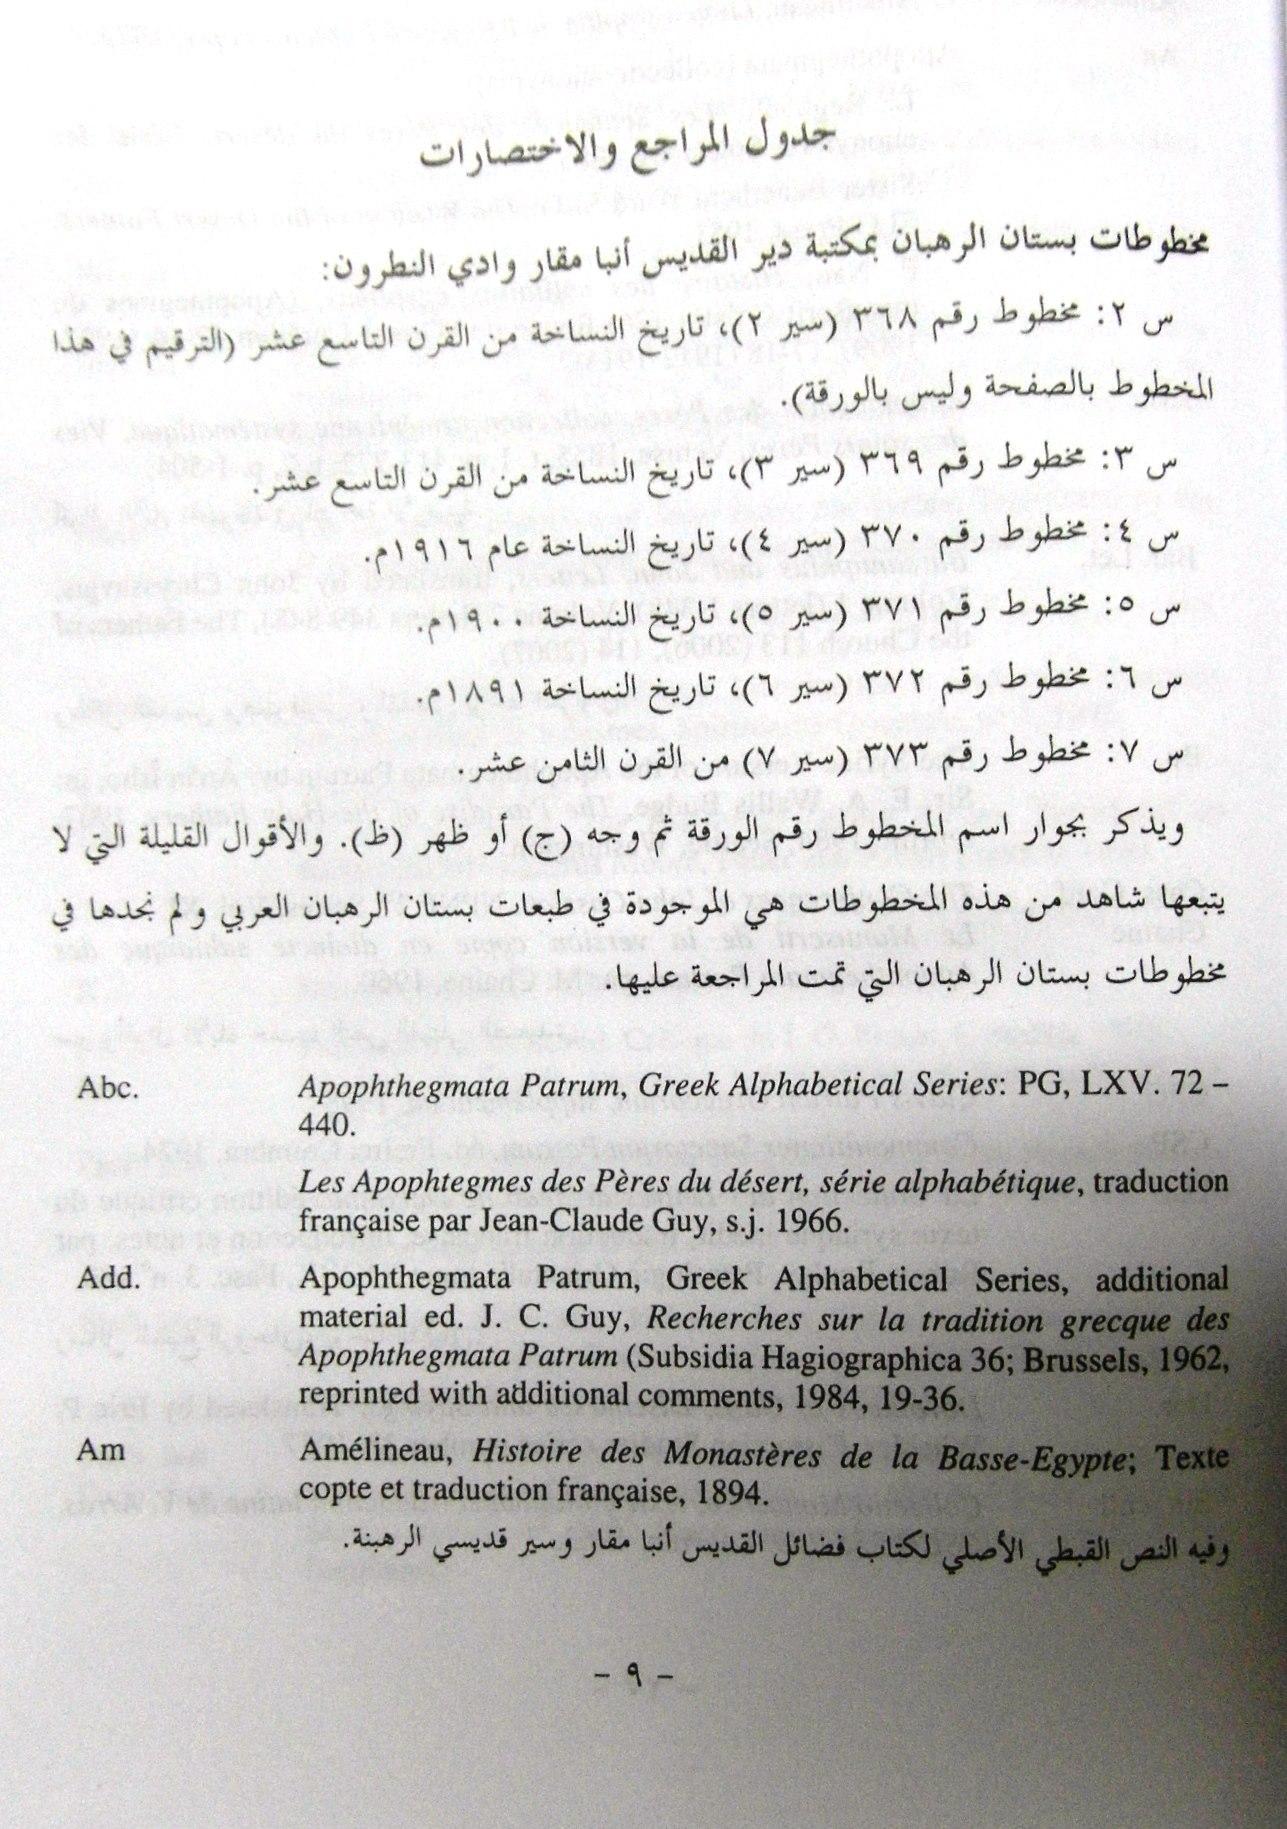 قراءة في كتاب بستان الرهبان لنيافة الأنبا إبيفانيوس – الدكتور إبراهيم ساويري 3